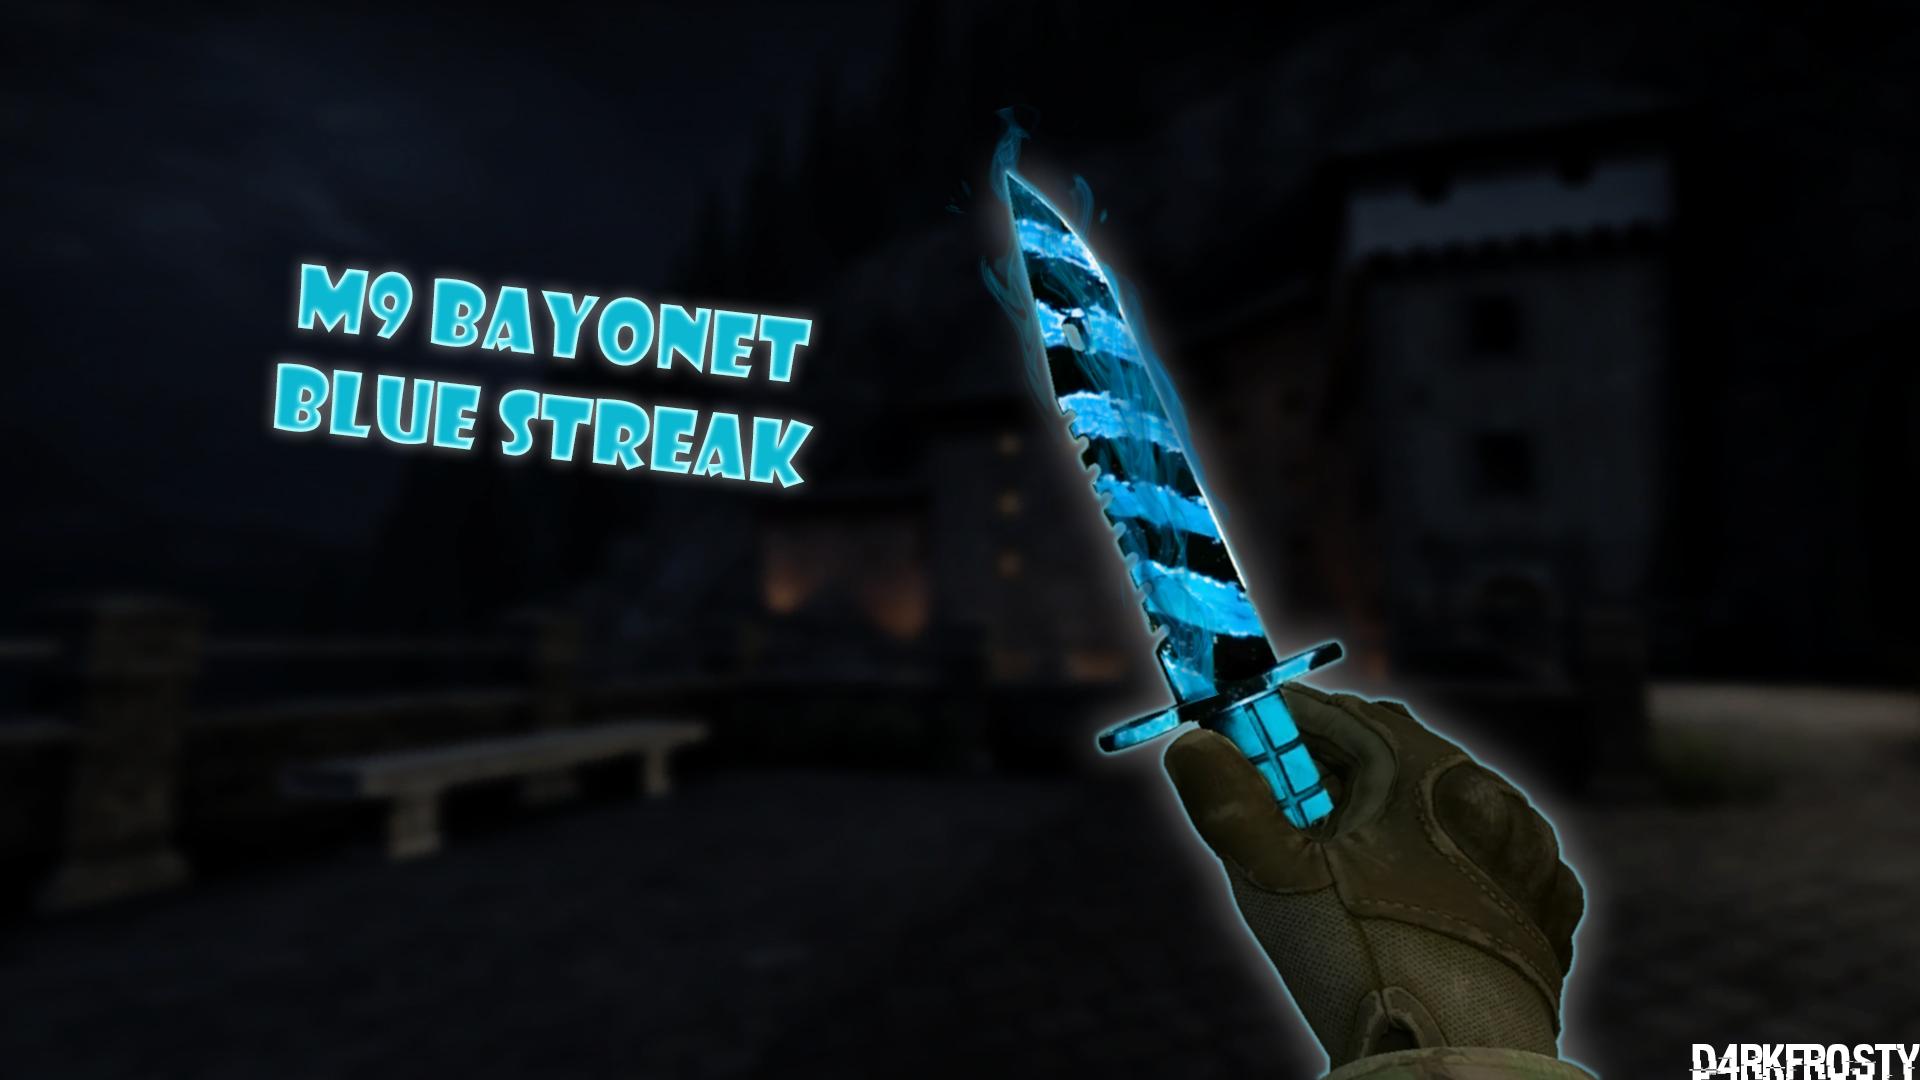 M9 BAYONET | BLUE STREAK